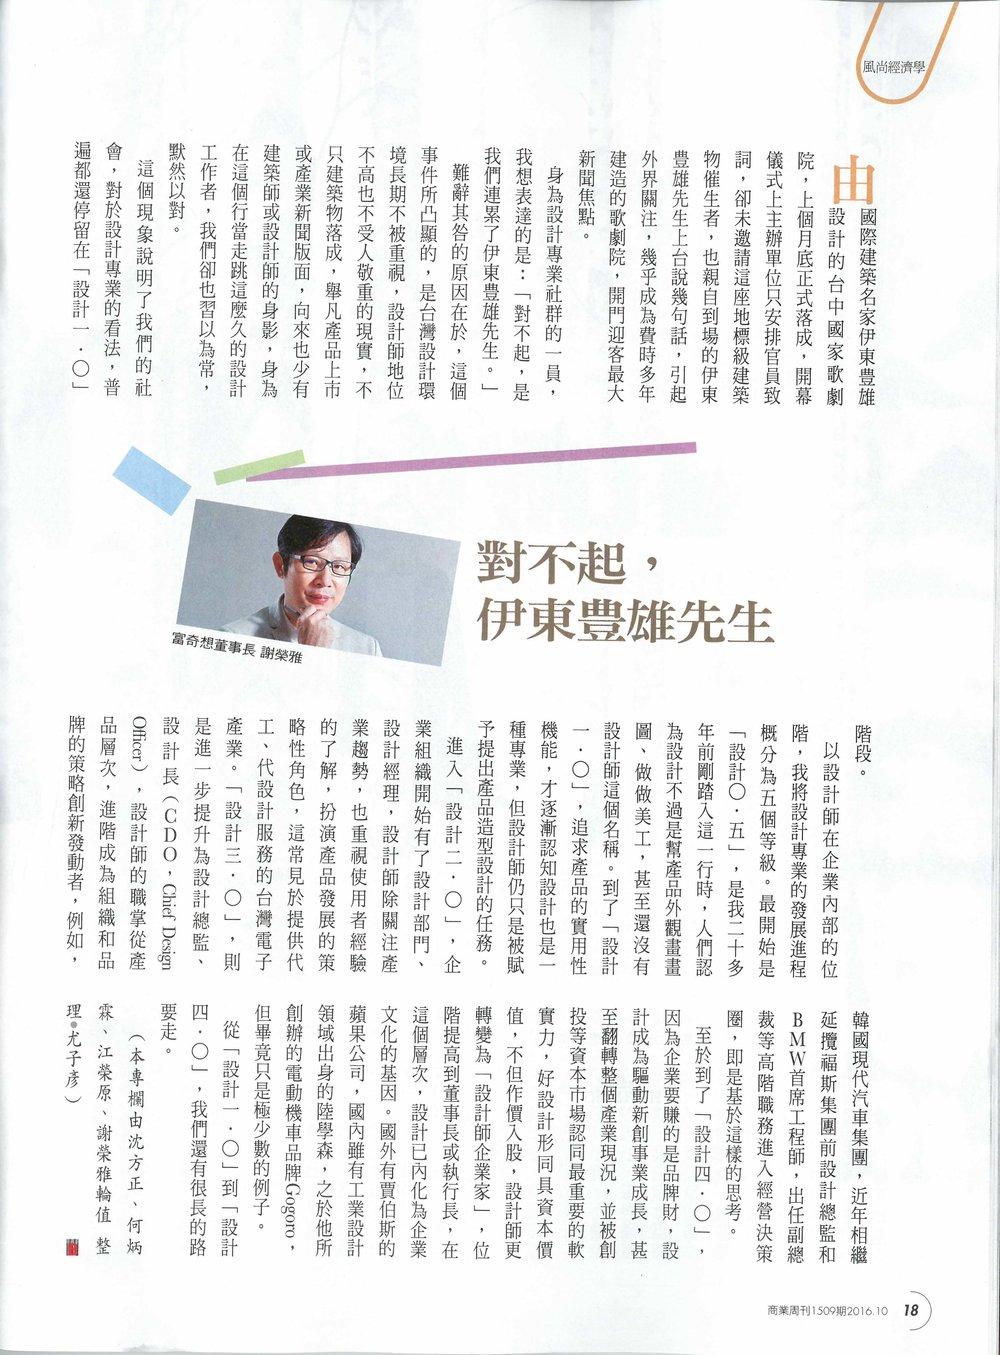 2016年10月17日_對不起,伊東豐雄先生_商業週刊_頁面_1.jpg